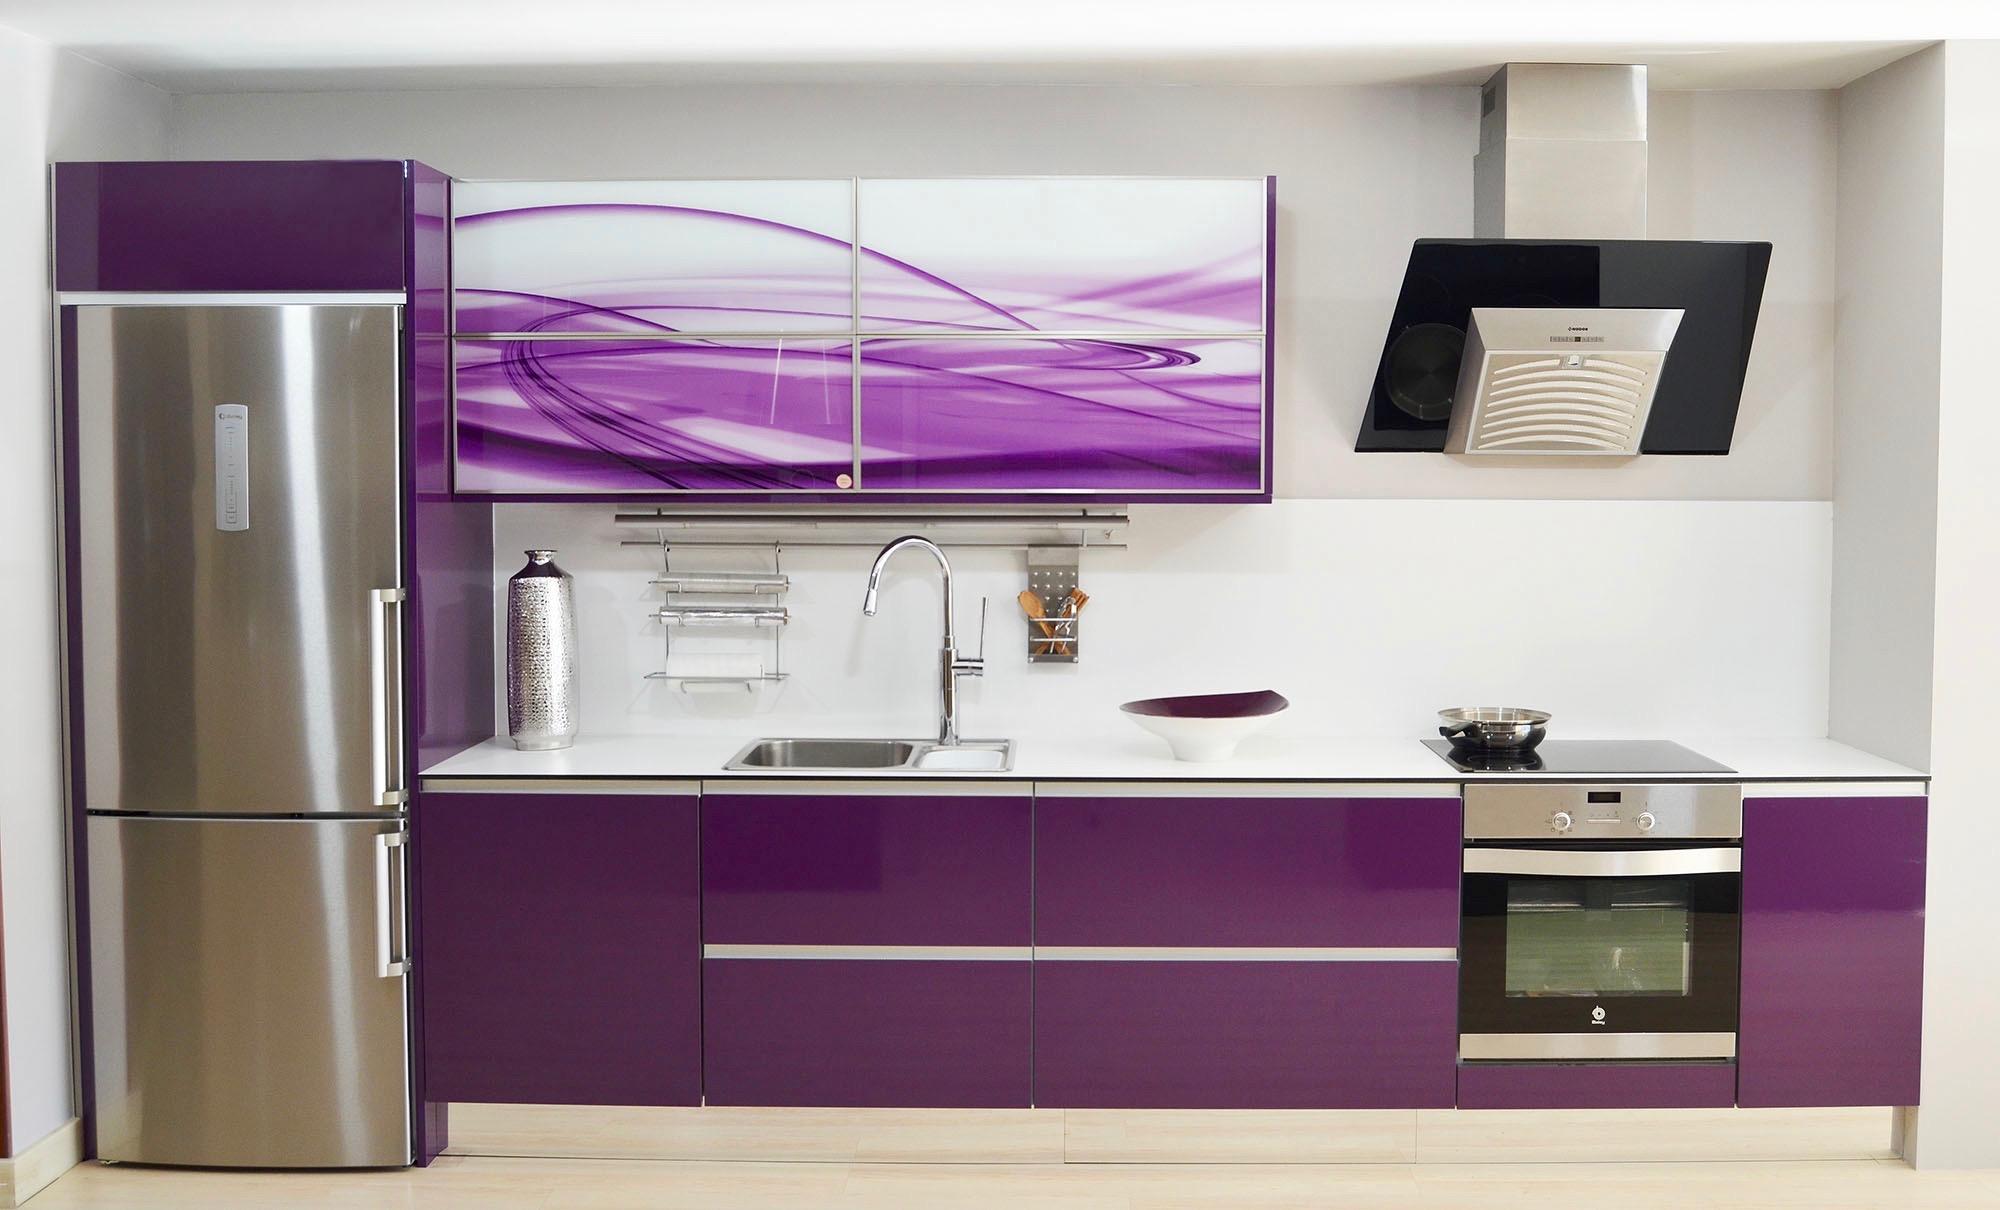 Tienda Muebles Barakaldo : Nuestras cocinas elegantes josman hermanos tienda de